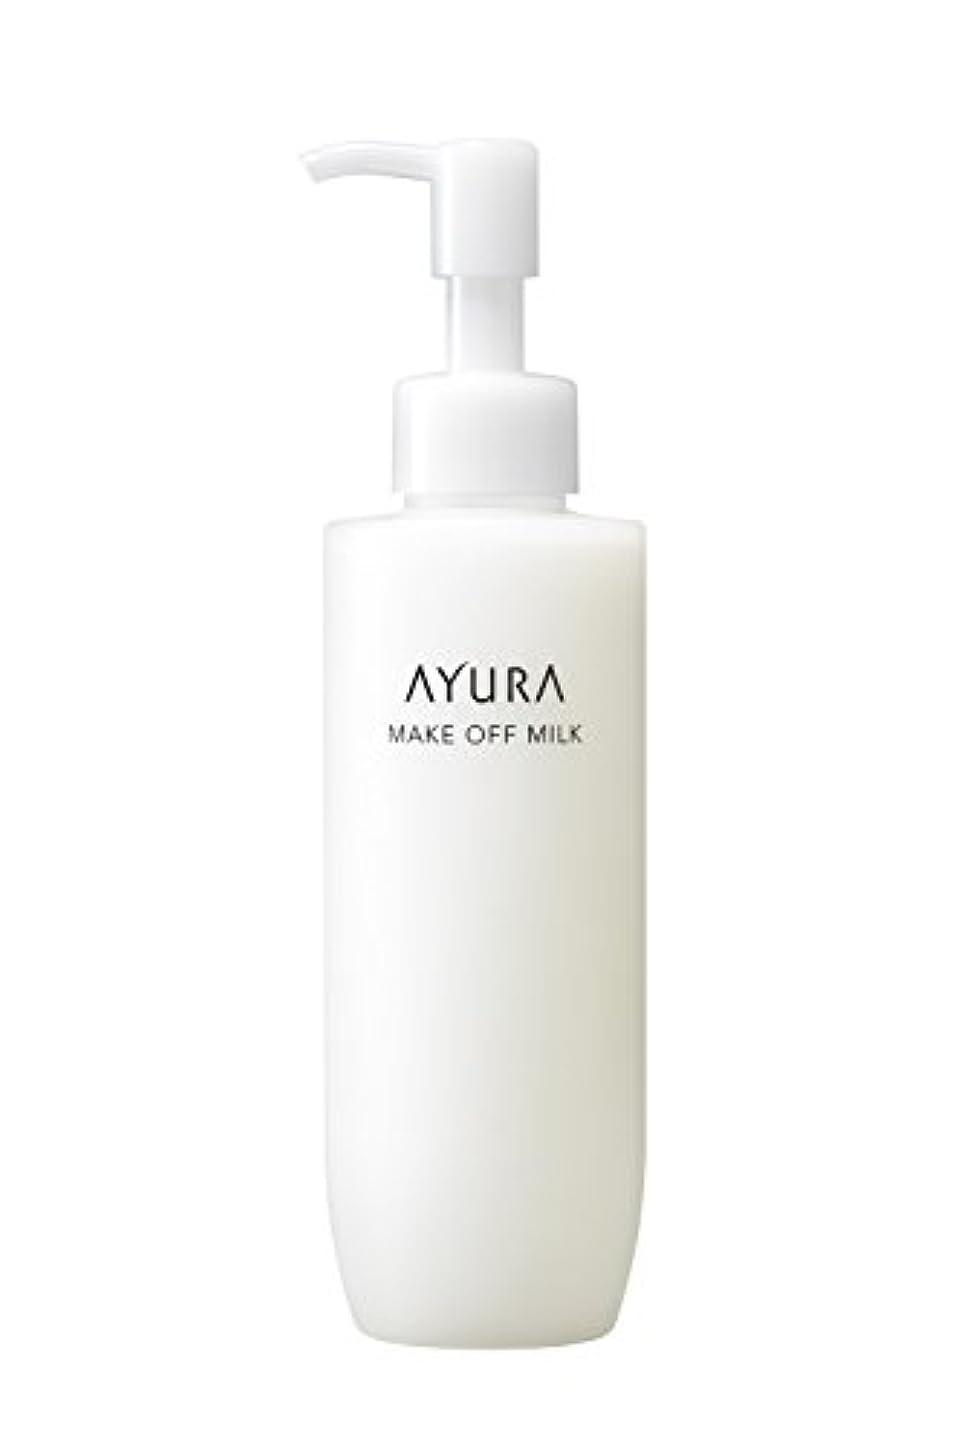 酔う博物館のためにアユーラ (AYURA) メークオフミルク < メイク落とし > 170mL 肌をいたわりながらしっかりオフするミルクタイプ